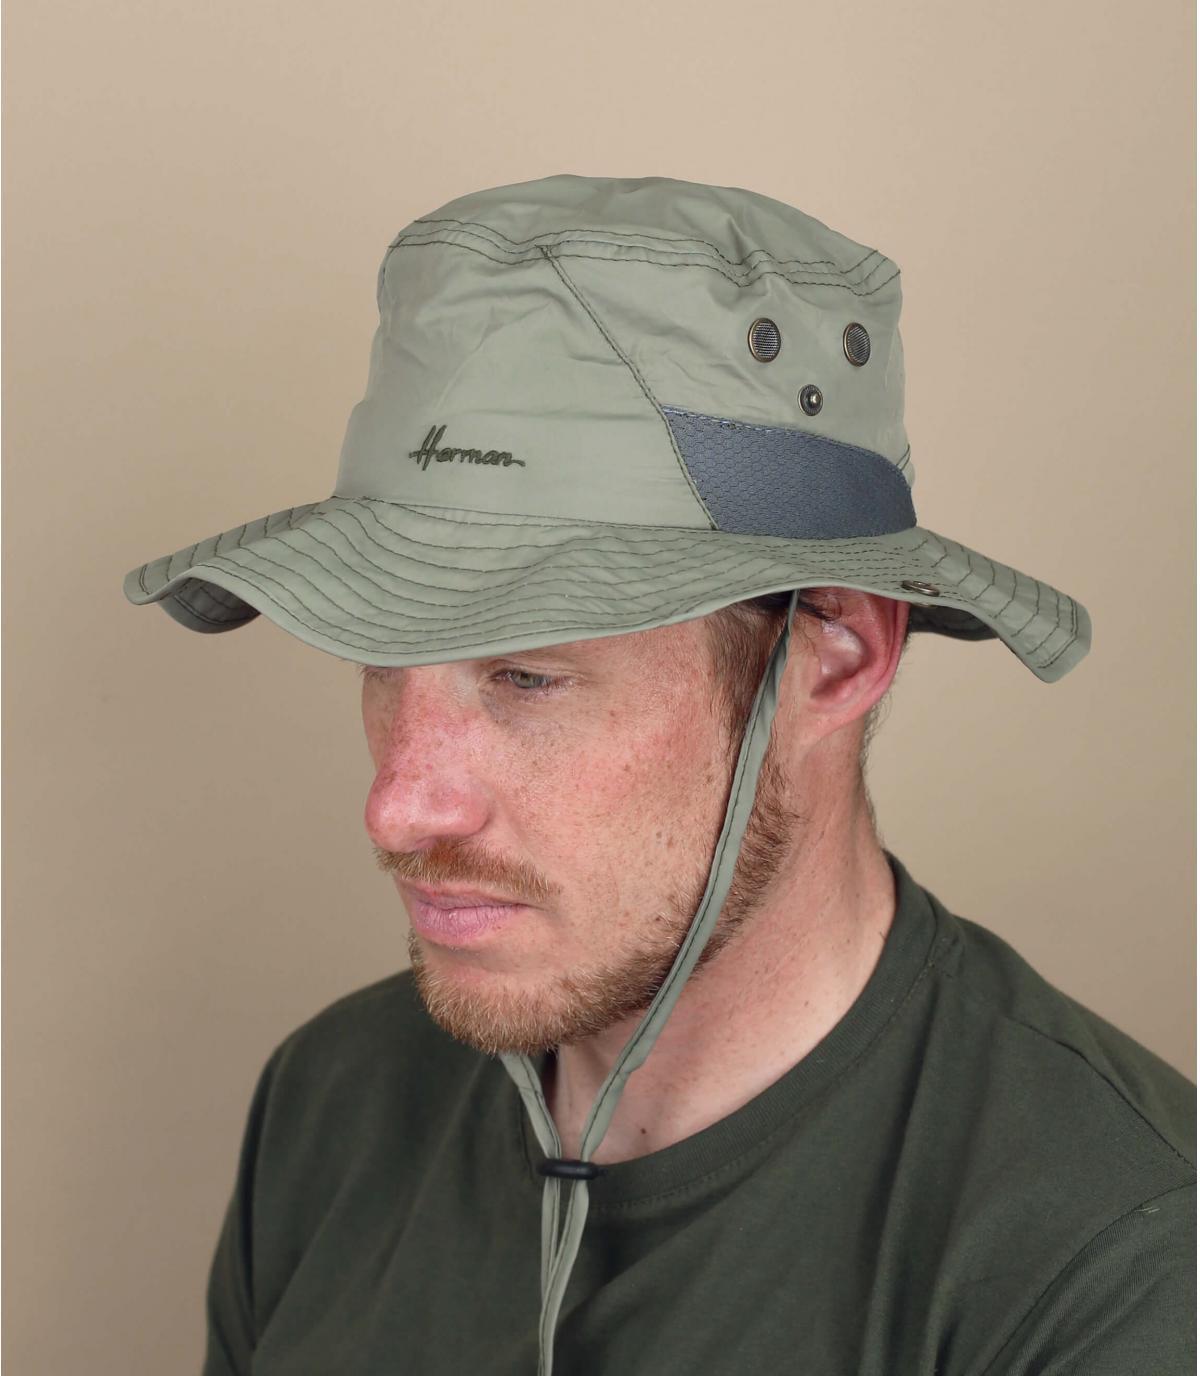 Green bucket hat Herman